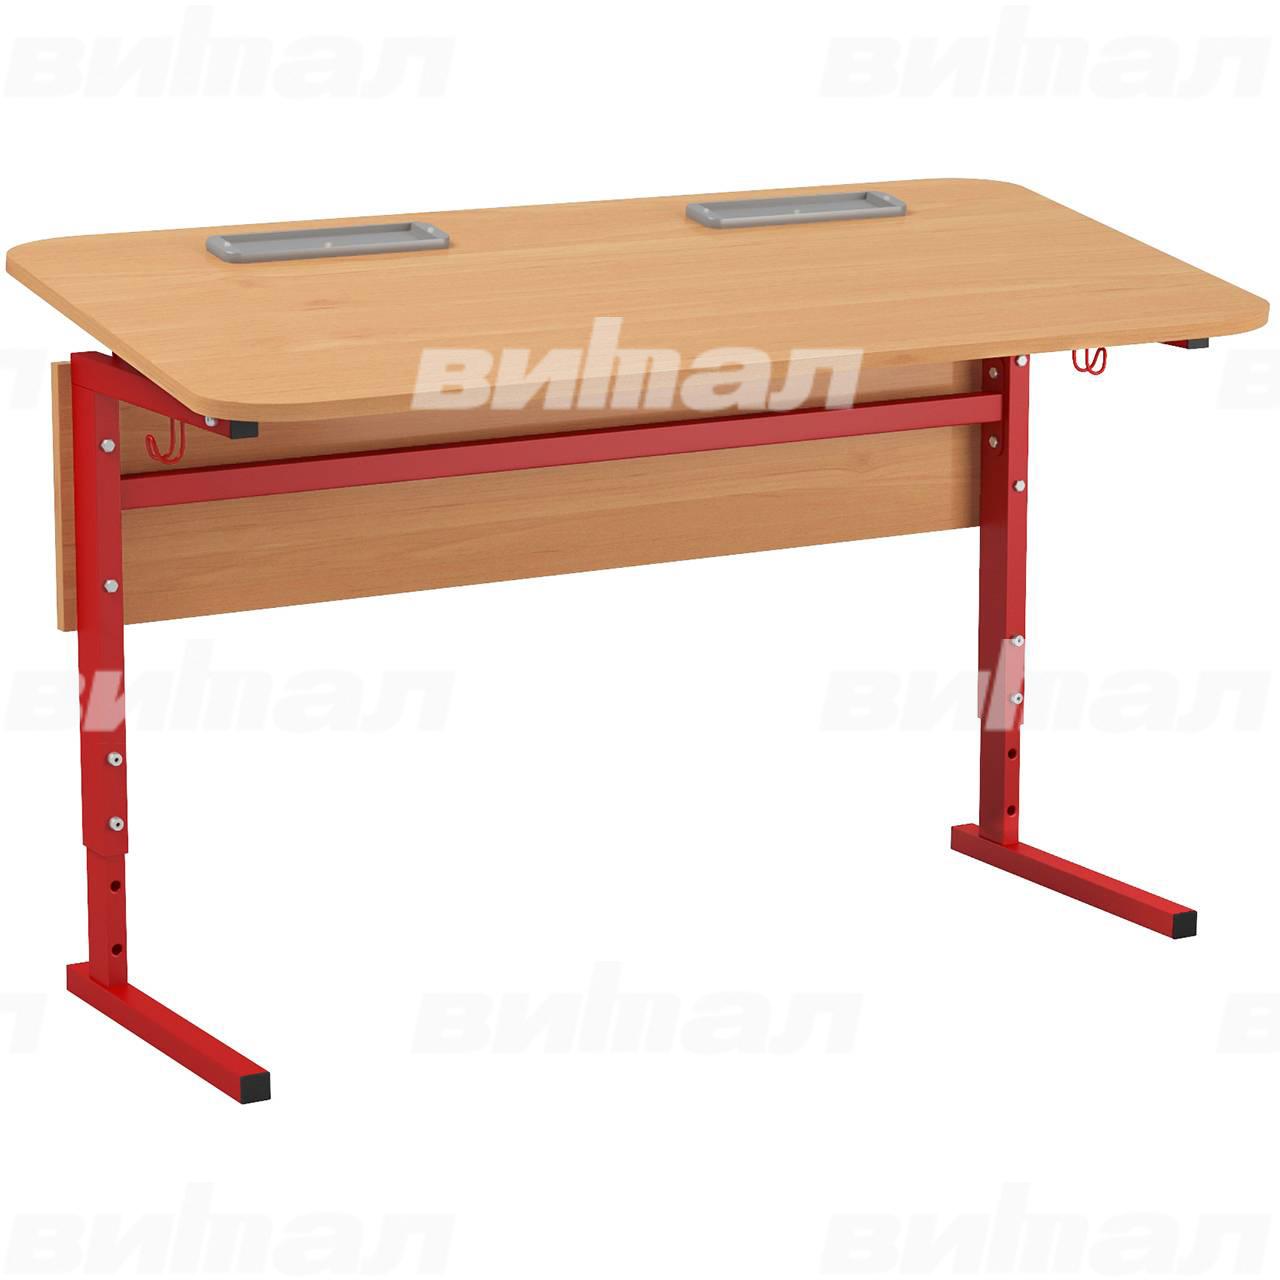 Стол 2-местный регулир. высота и наклон столешницы 0-10° (гр 2-4, 3-5, 4-6 или 5-7) красный Ольха 5-7 Меламин прямоугольная